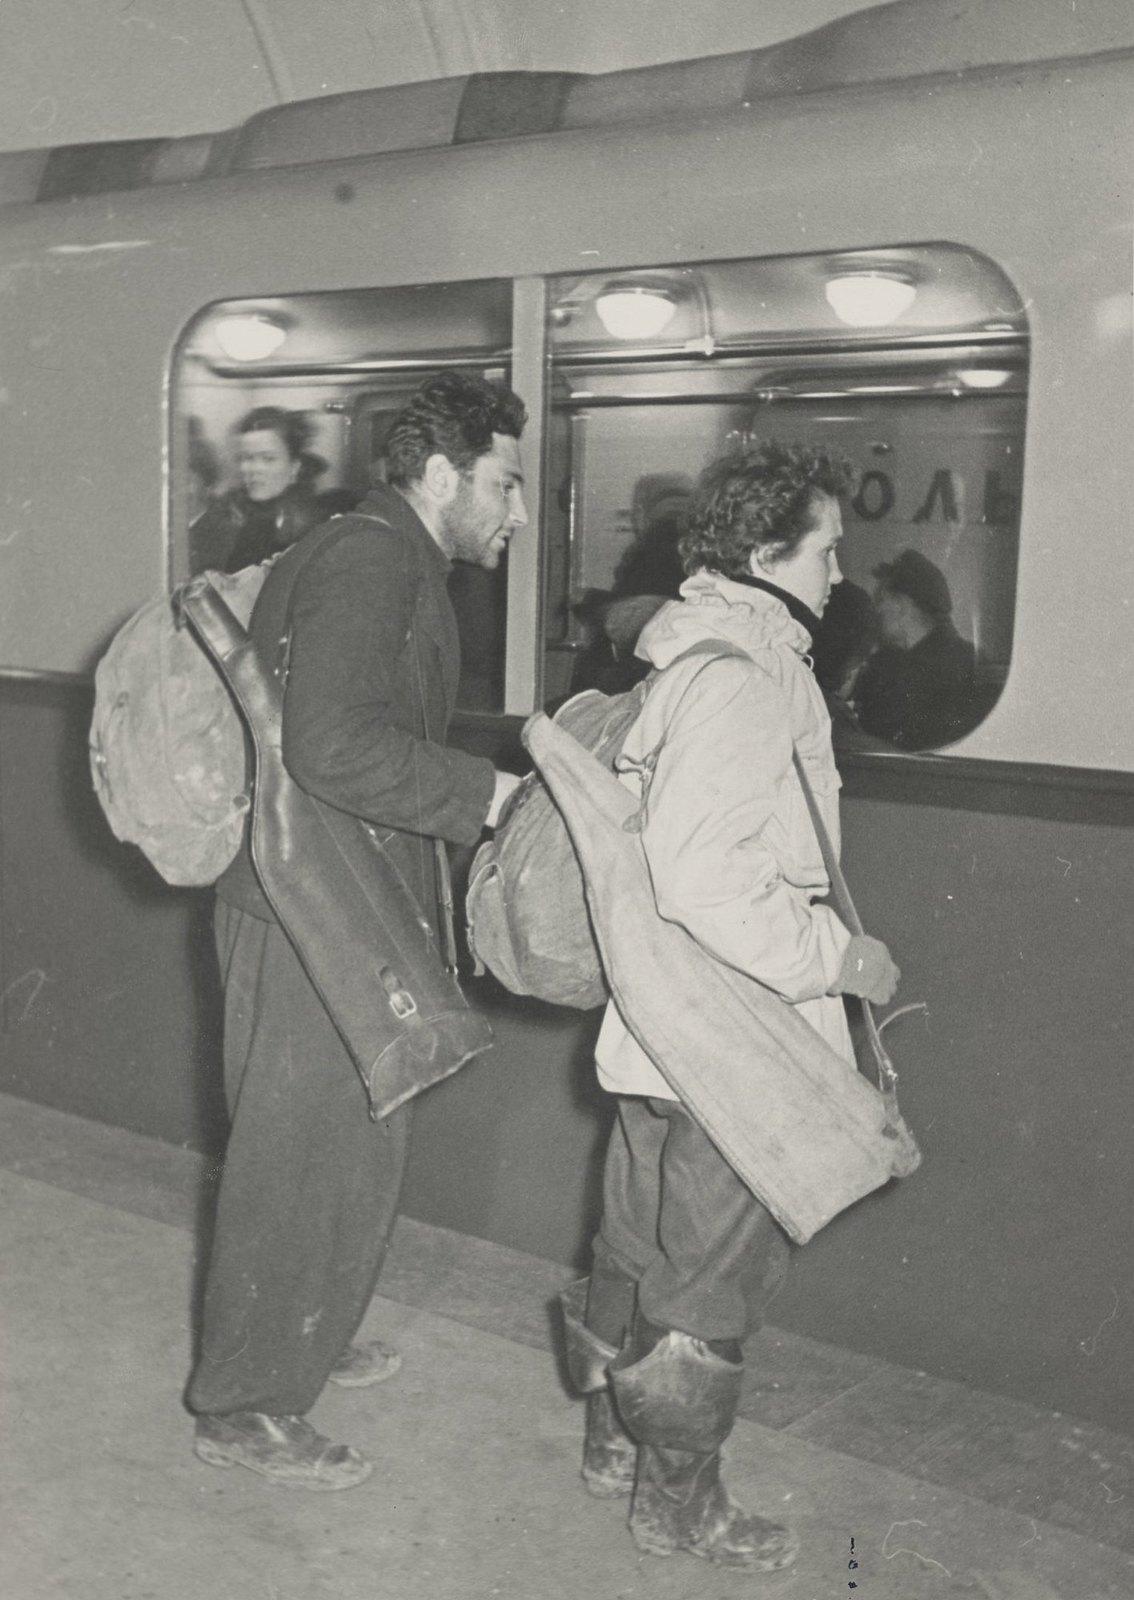 1950-е. В метро можно встретить и охотников